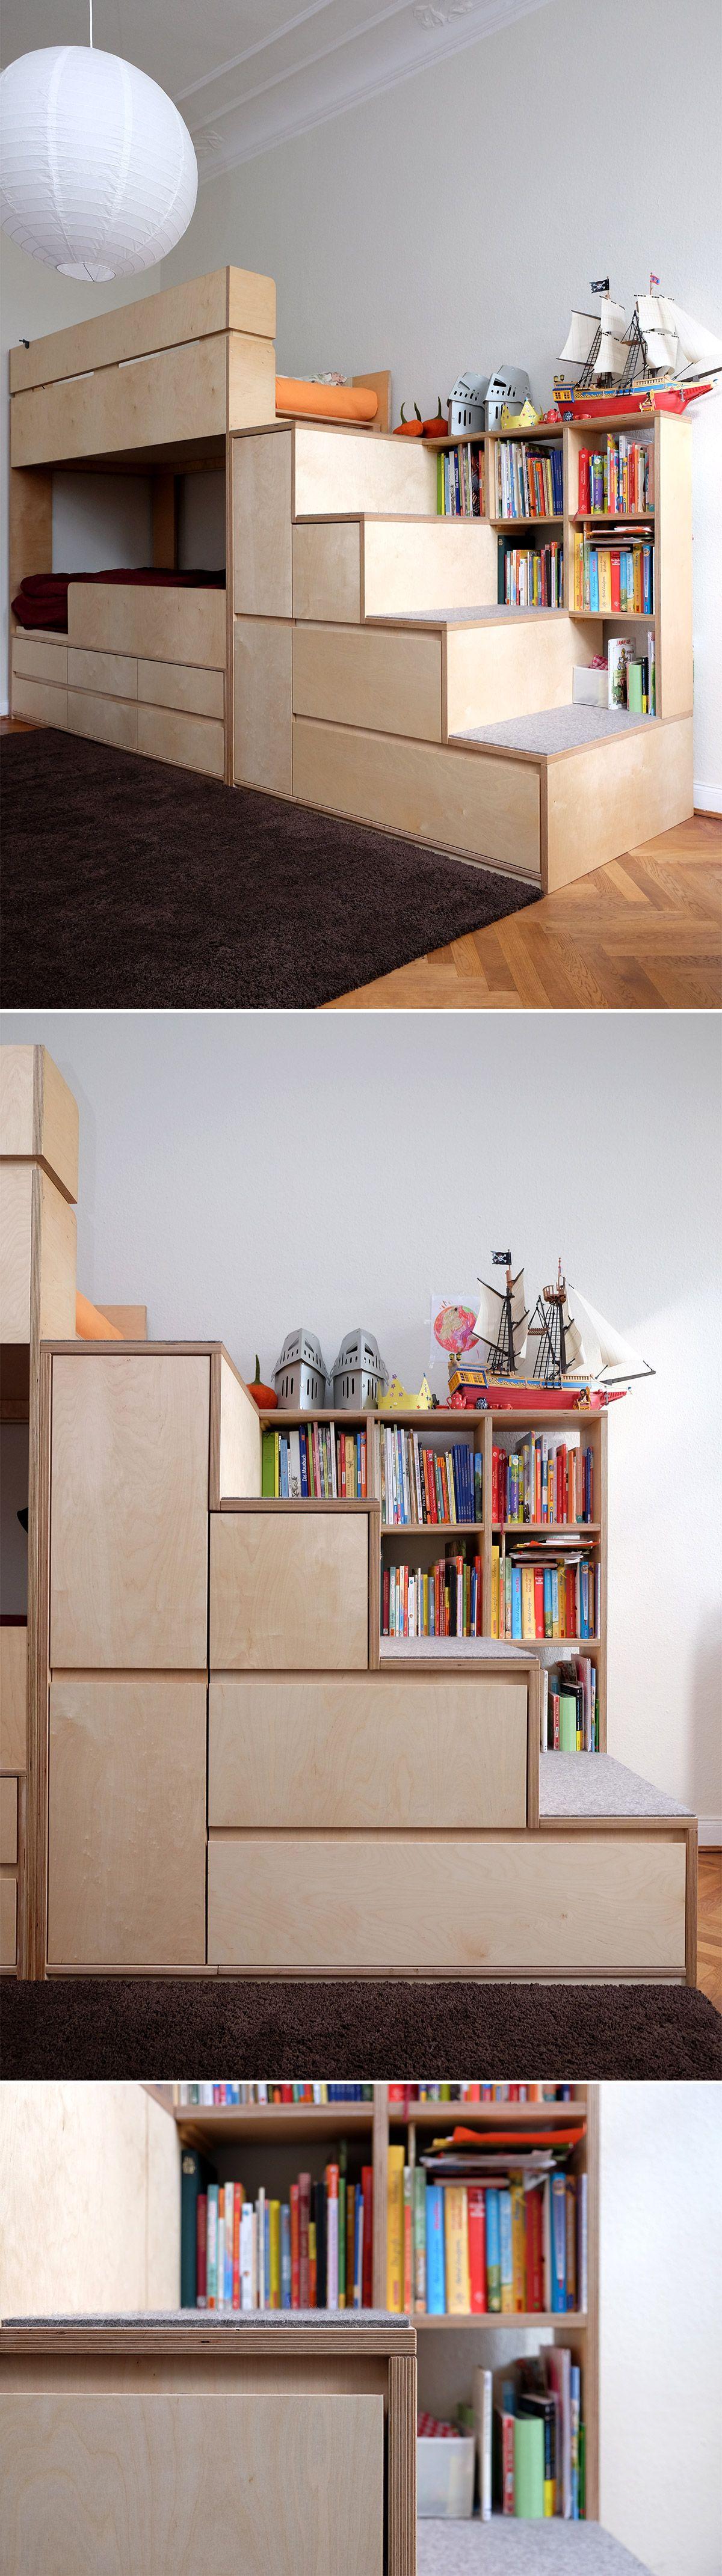 kinderzimmer etagenbett hochbett mit treppe und stauraum sperrholz multiplex birke filz